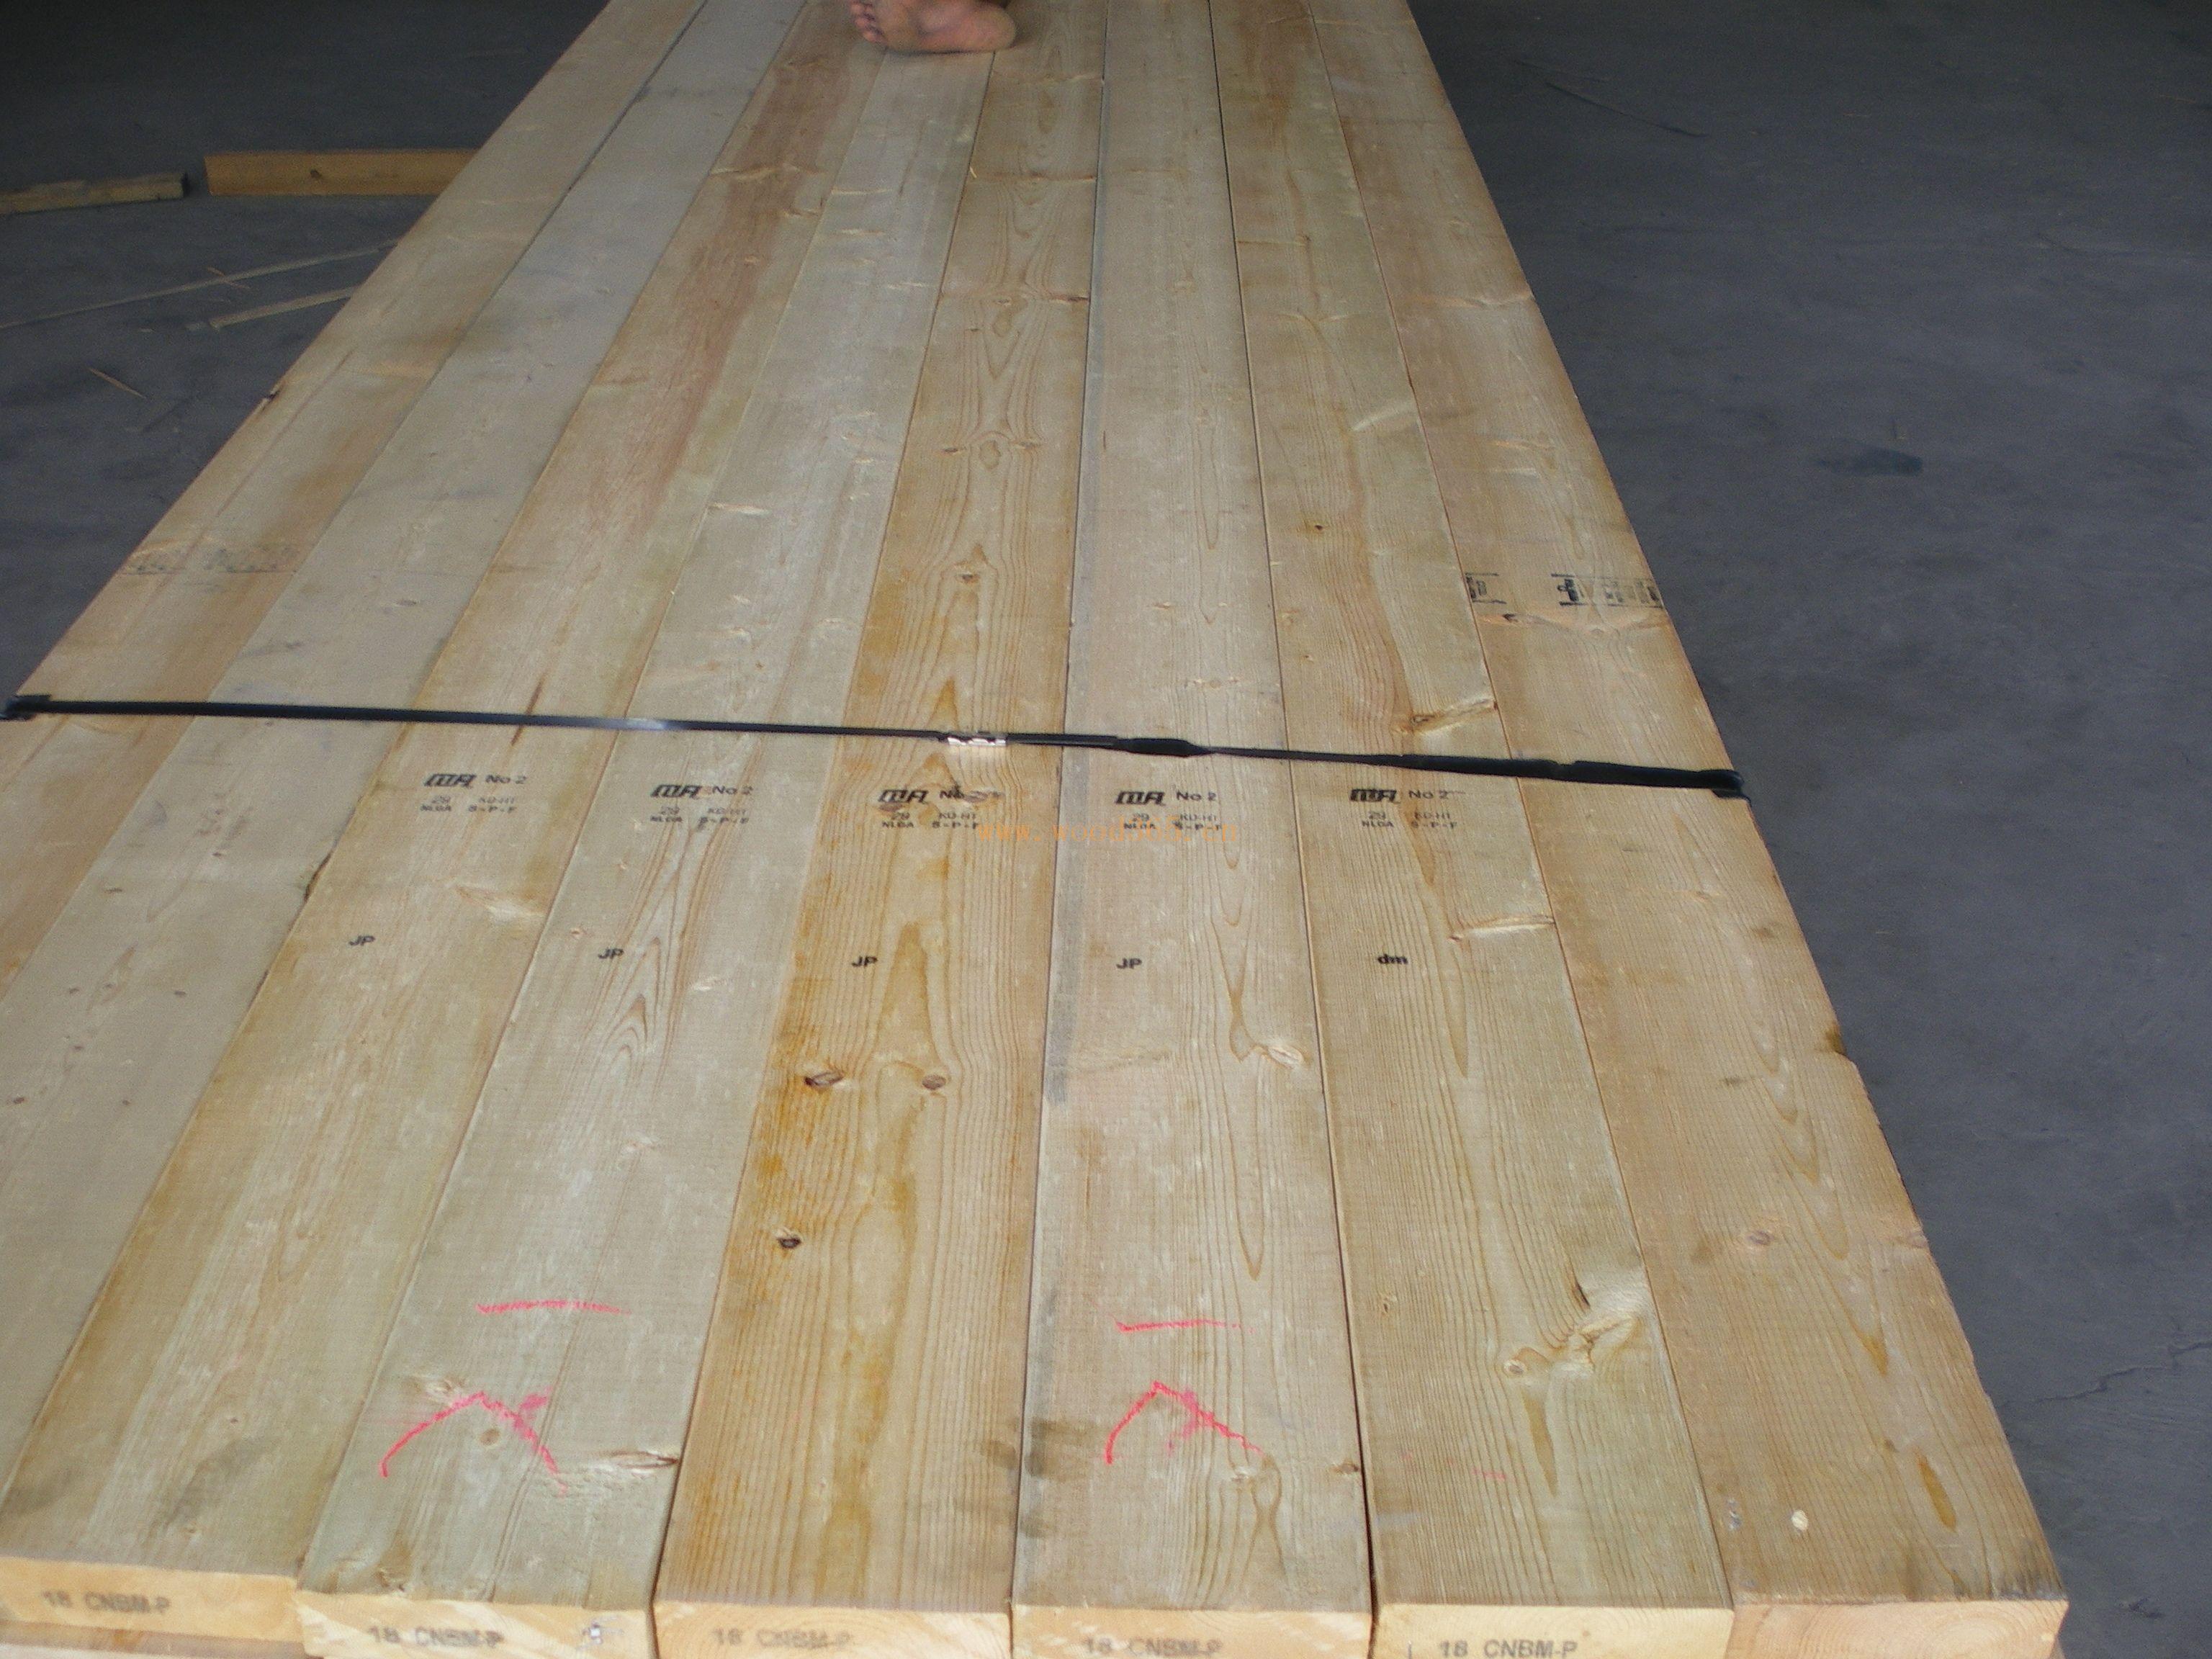 加拿大松木,spf,橡胶木